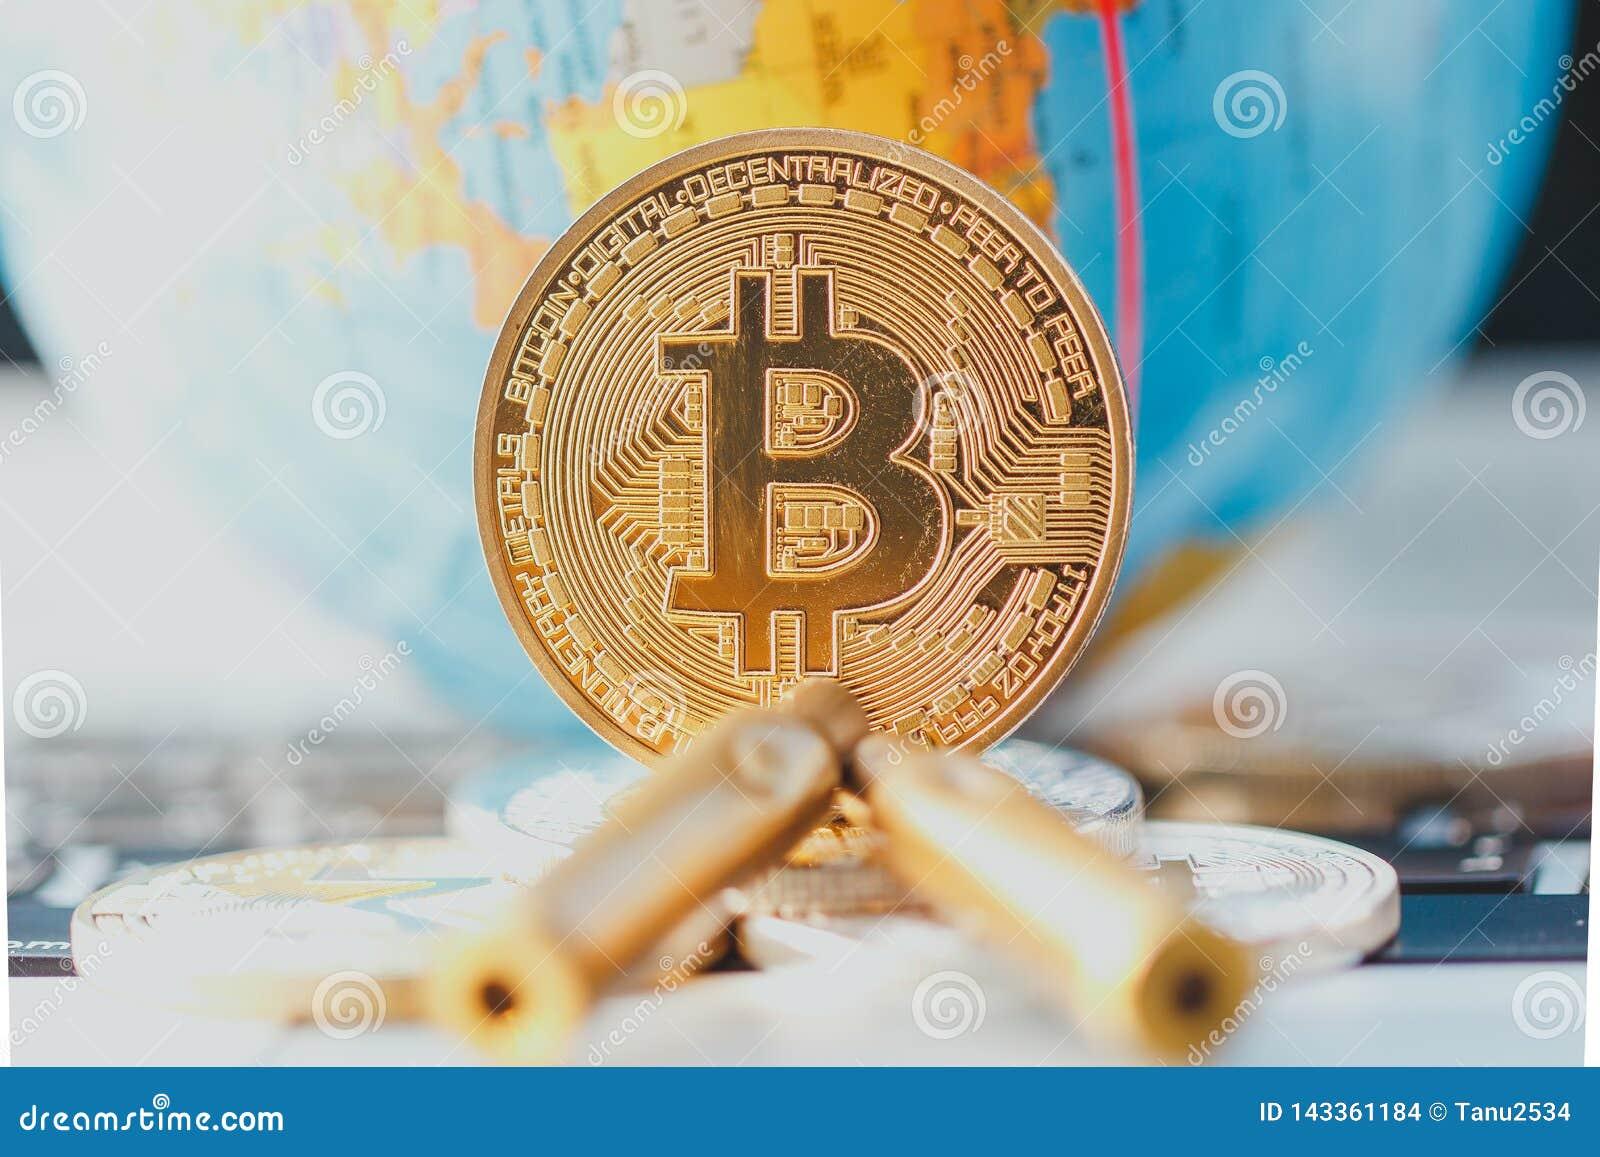 commercio bitcoin vendita